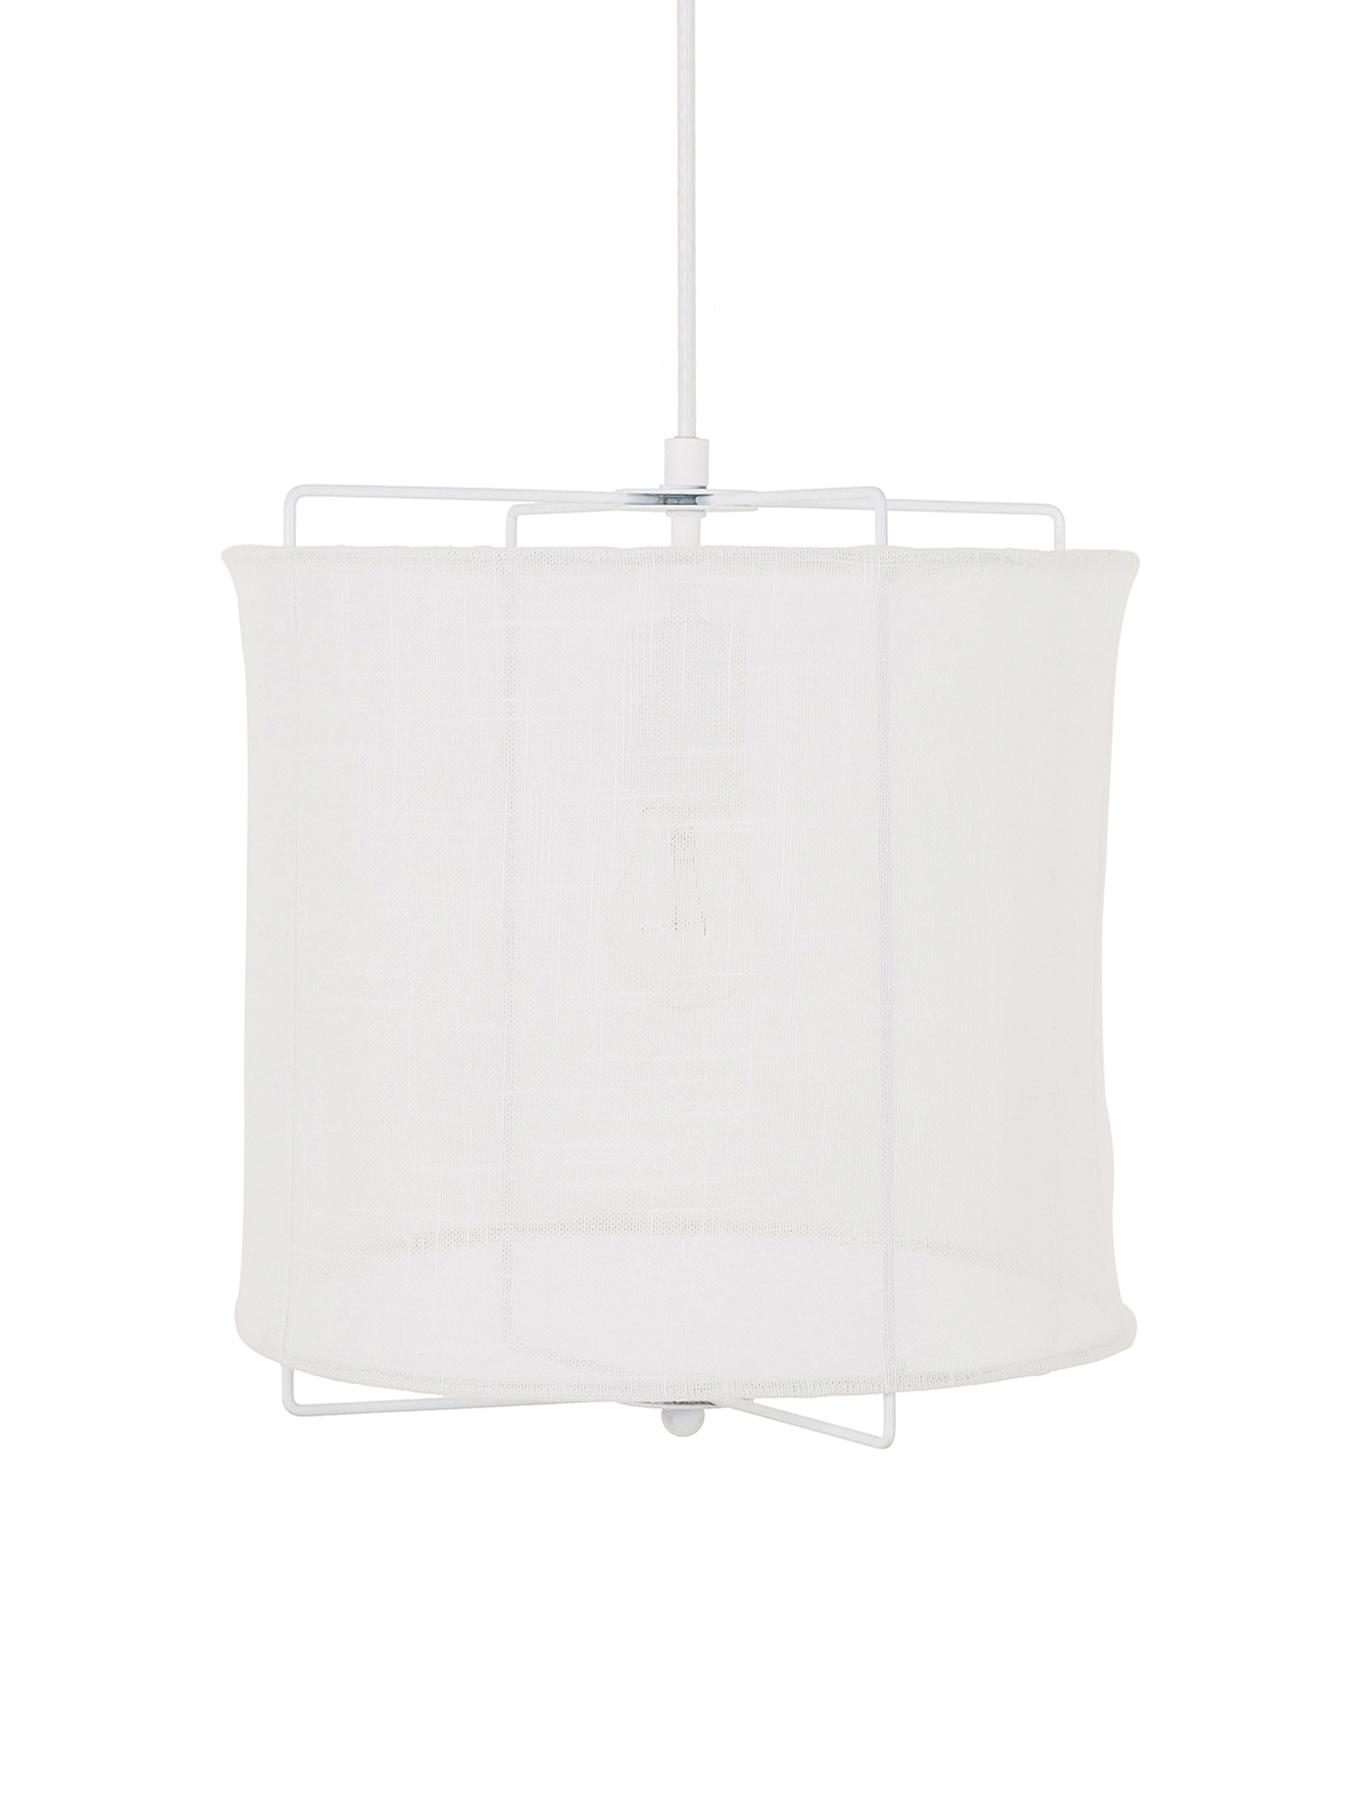 Pendelleuchte Clouds aus Leinen, Lampenschirm: Leinen, Weiss, ∅ 30 x H 30 cm